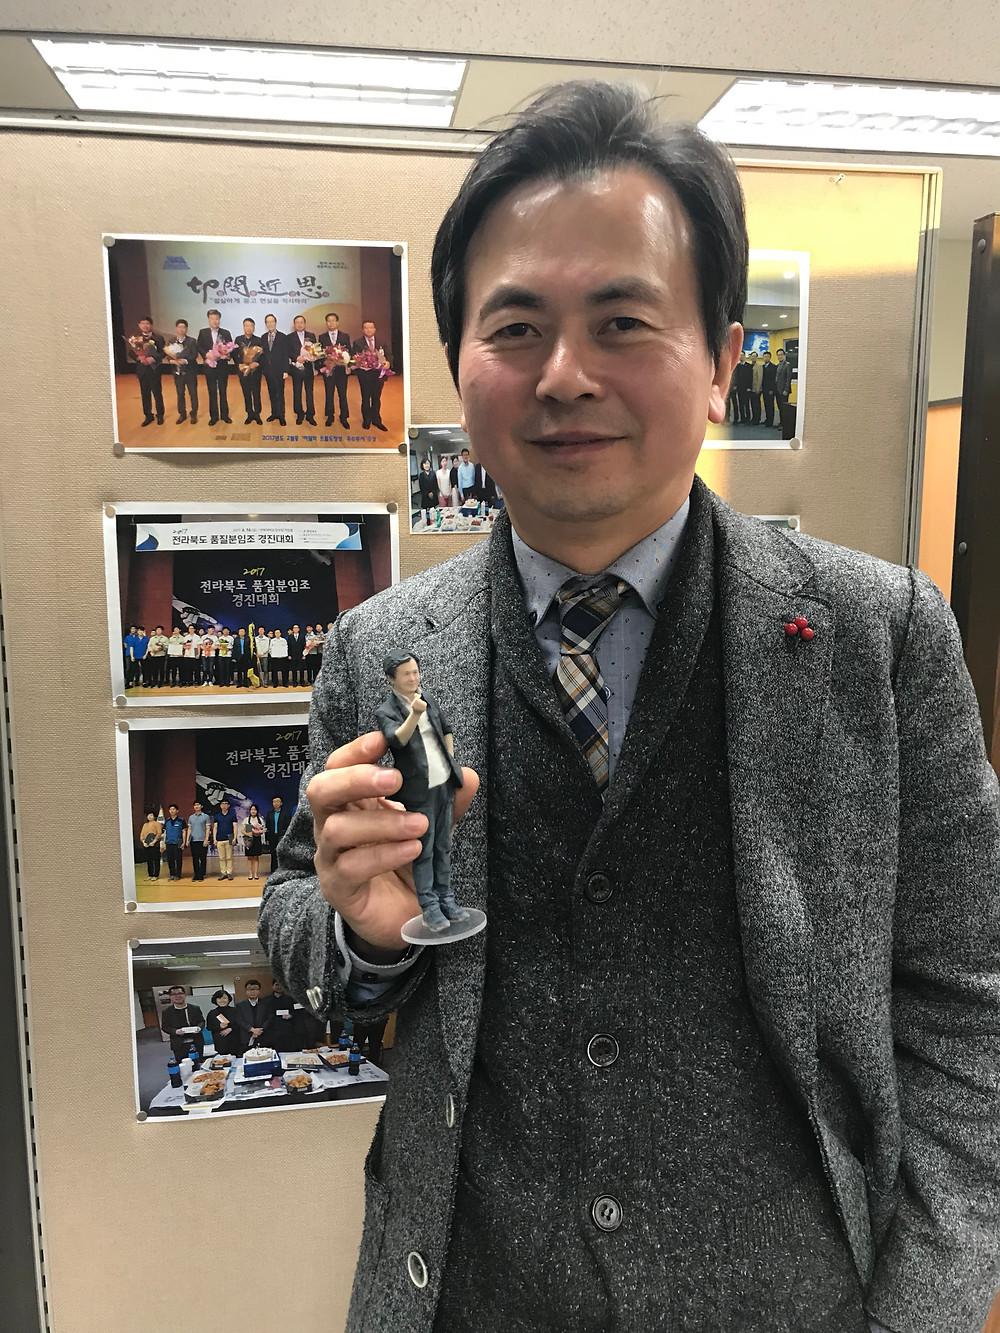 제12회 전북도청 과학축전 미래산업과 김성명님께 끄레아레 3D피규어 전달